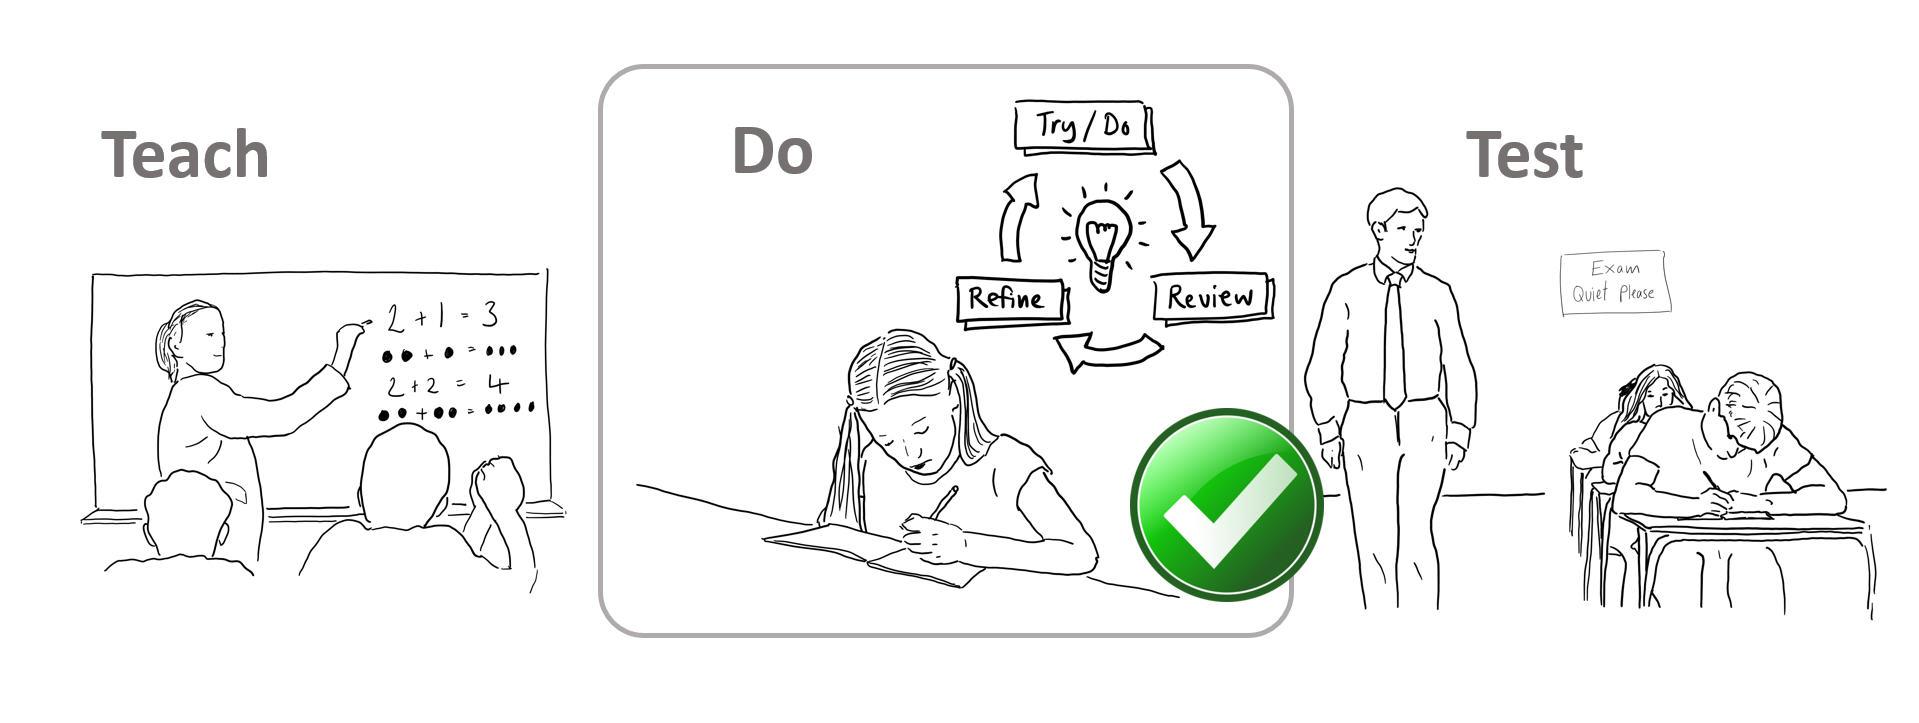 teach-do-test.jpg